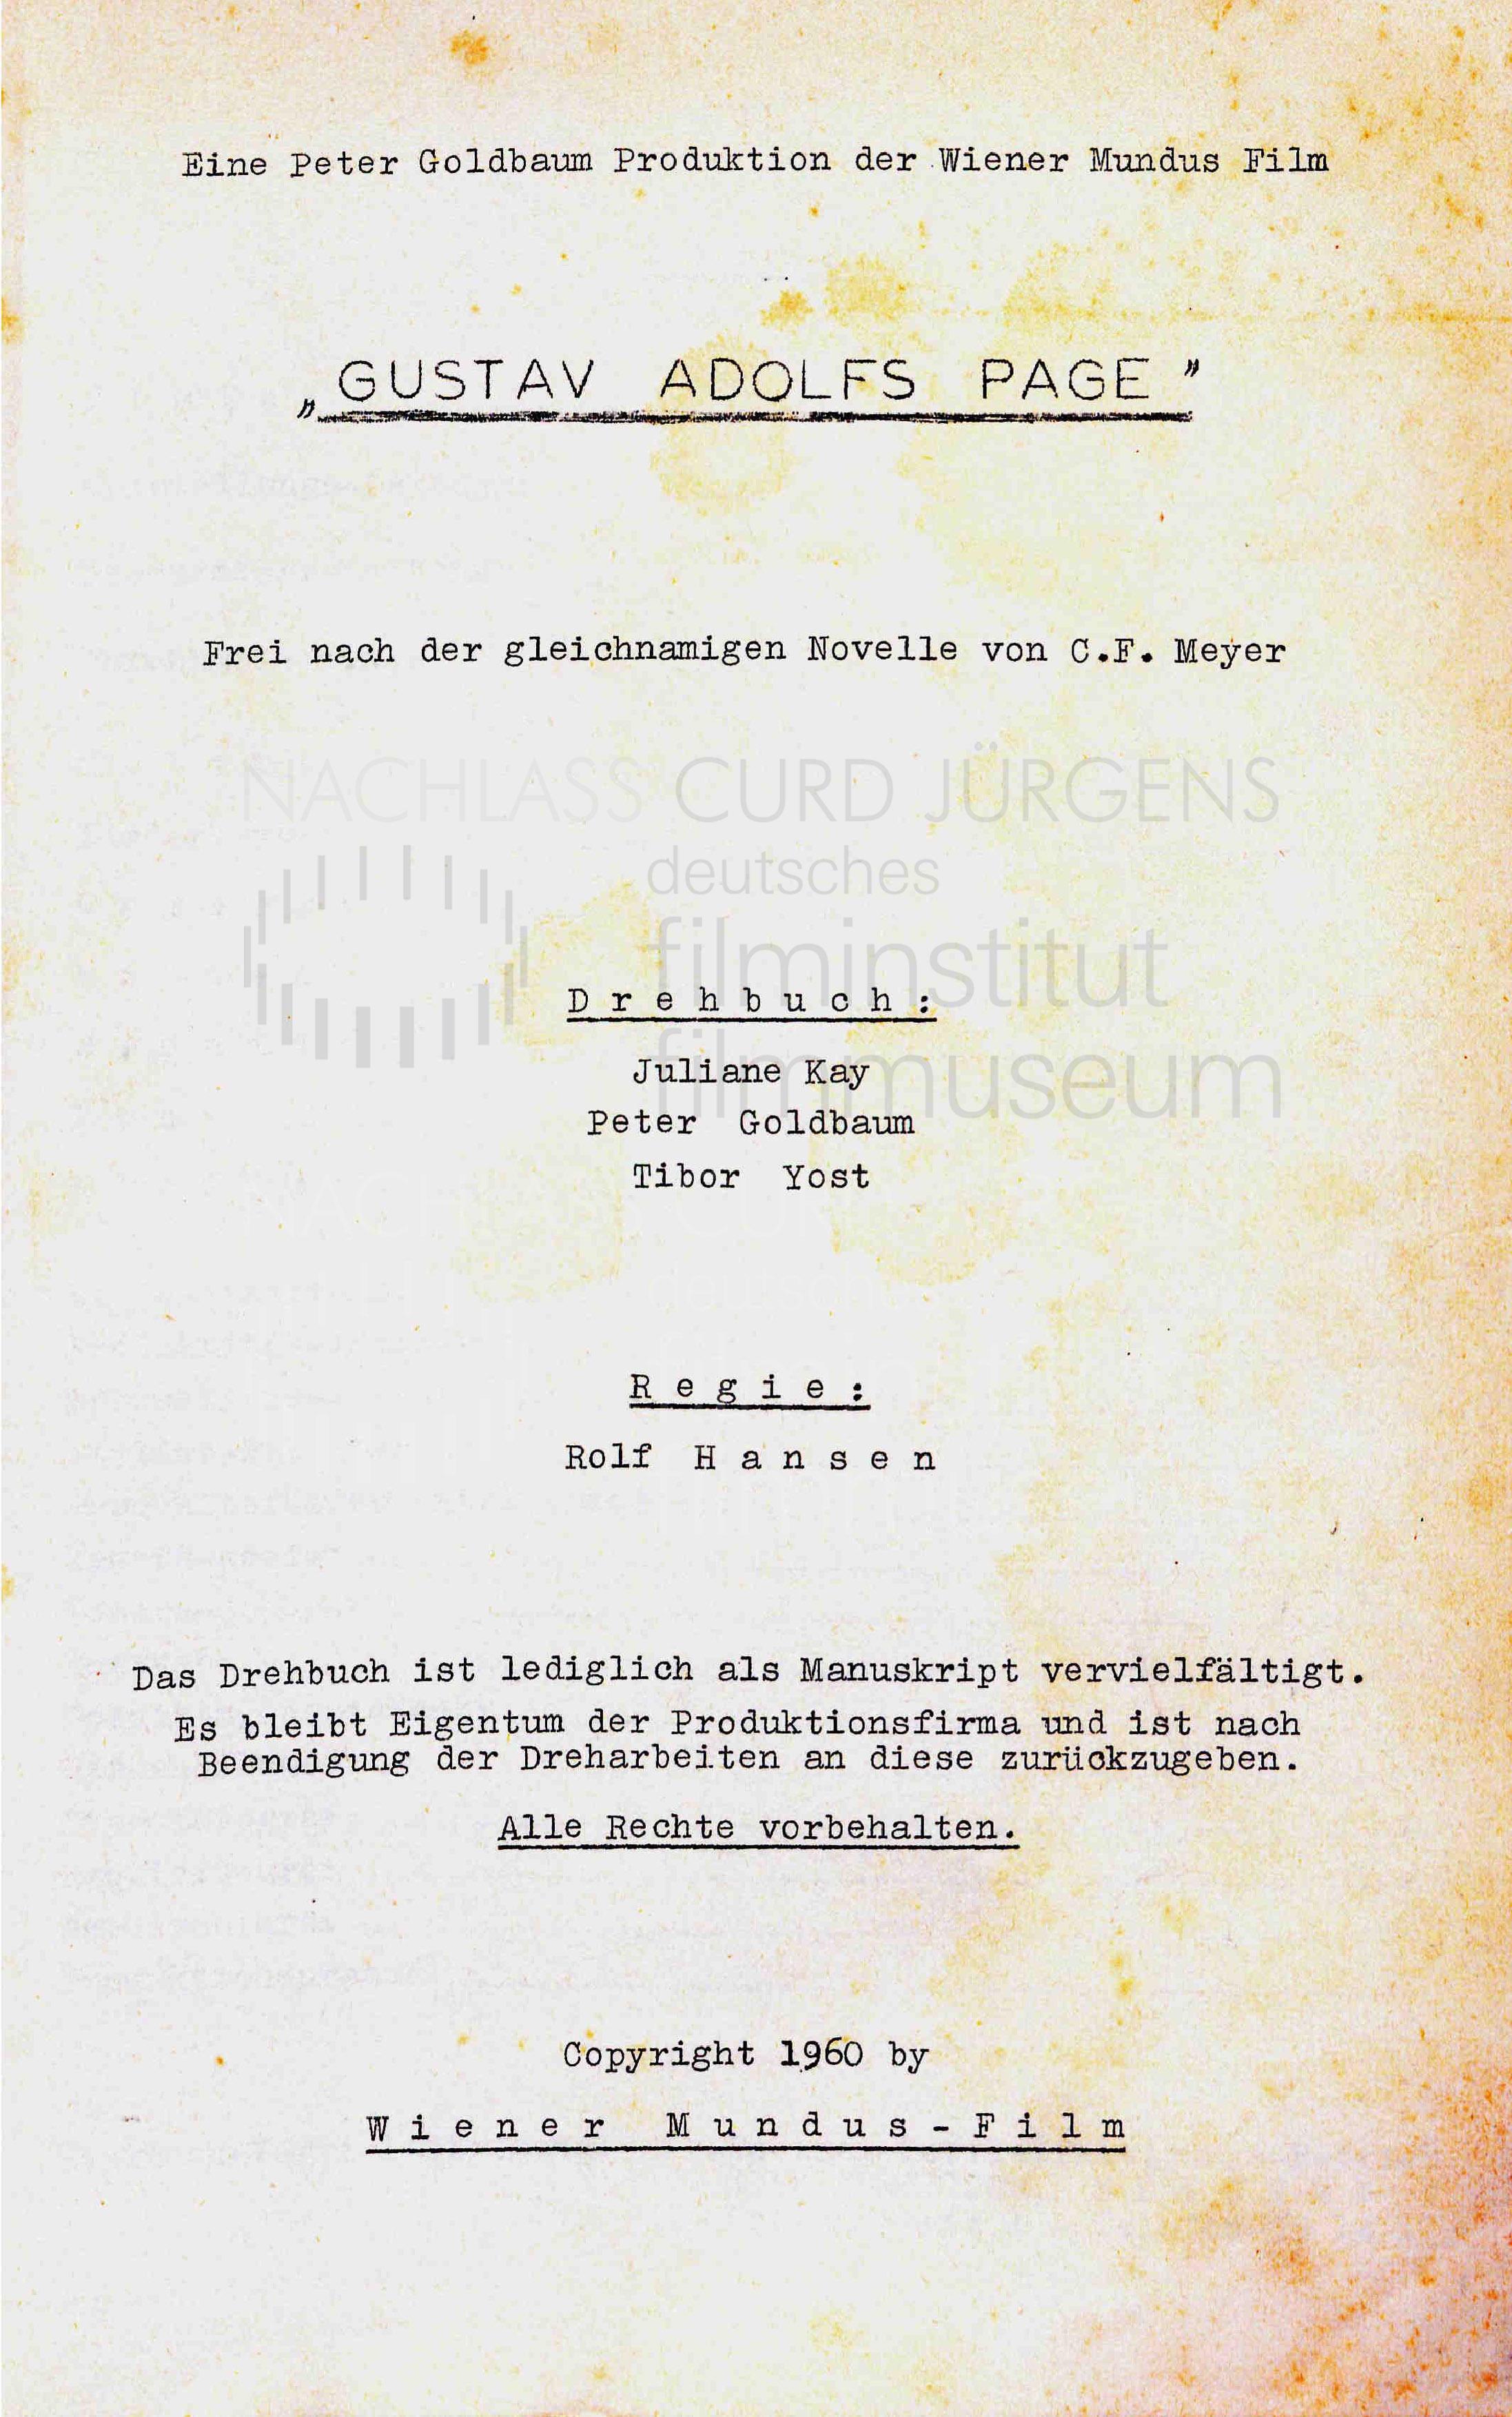 GUSTAV ADOLFS PAGE (1960) Drehbuch (Auszug) 1